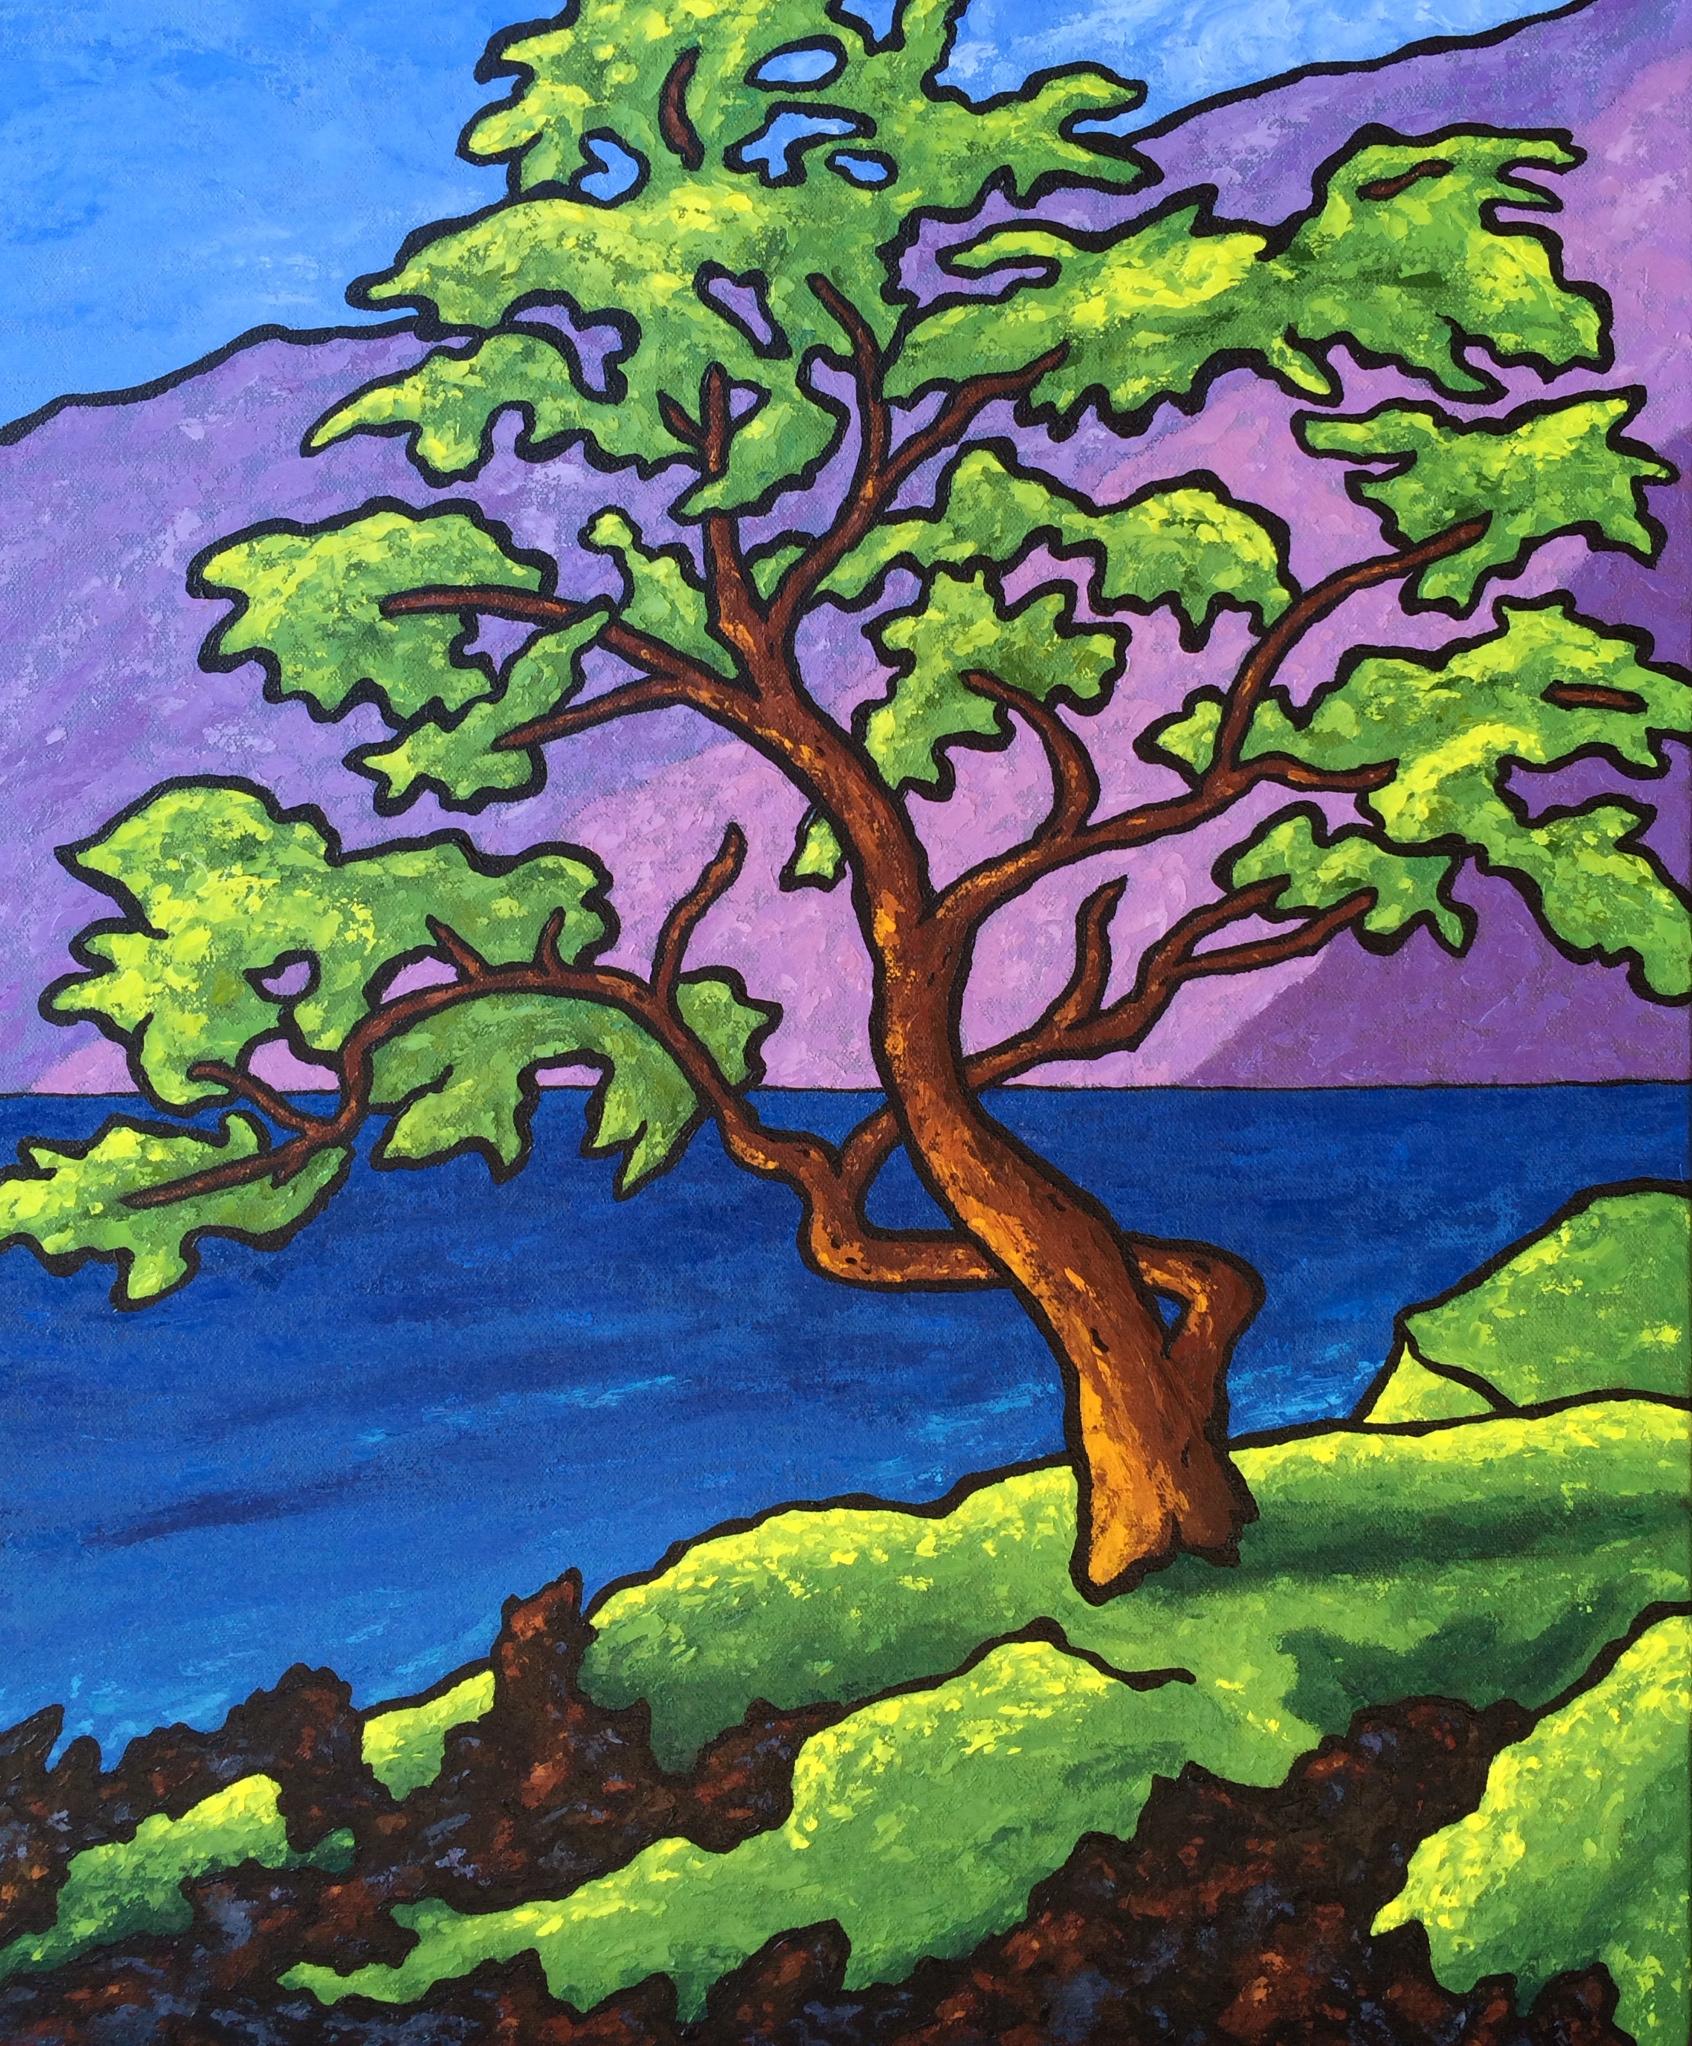 Tree at Wailea Point - 24x20